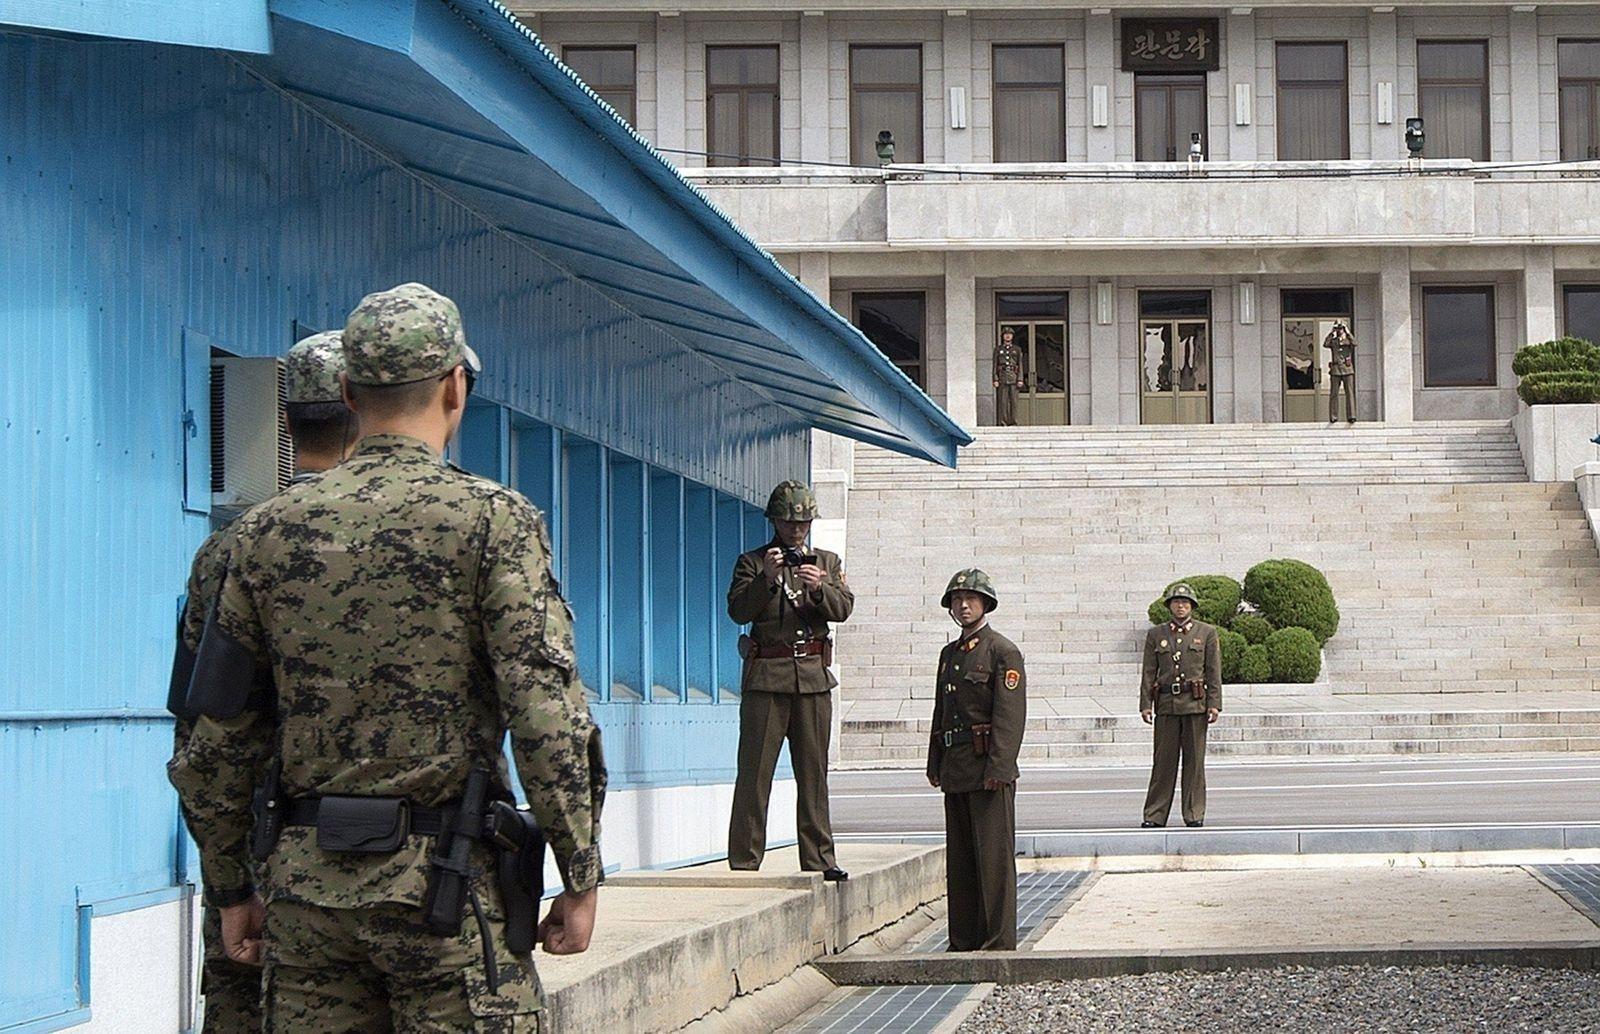 Өнөөдөр өглөө Хойд Солонгосын хоёр иргэн Өмнөд рүү дүрвэж иржээ